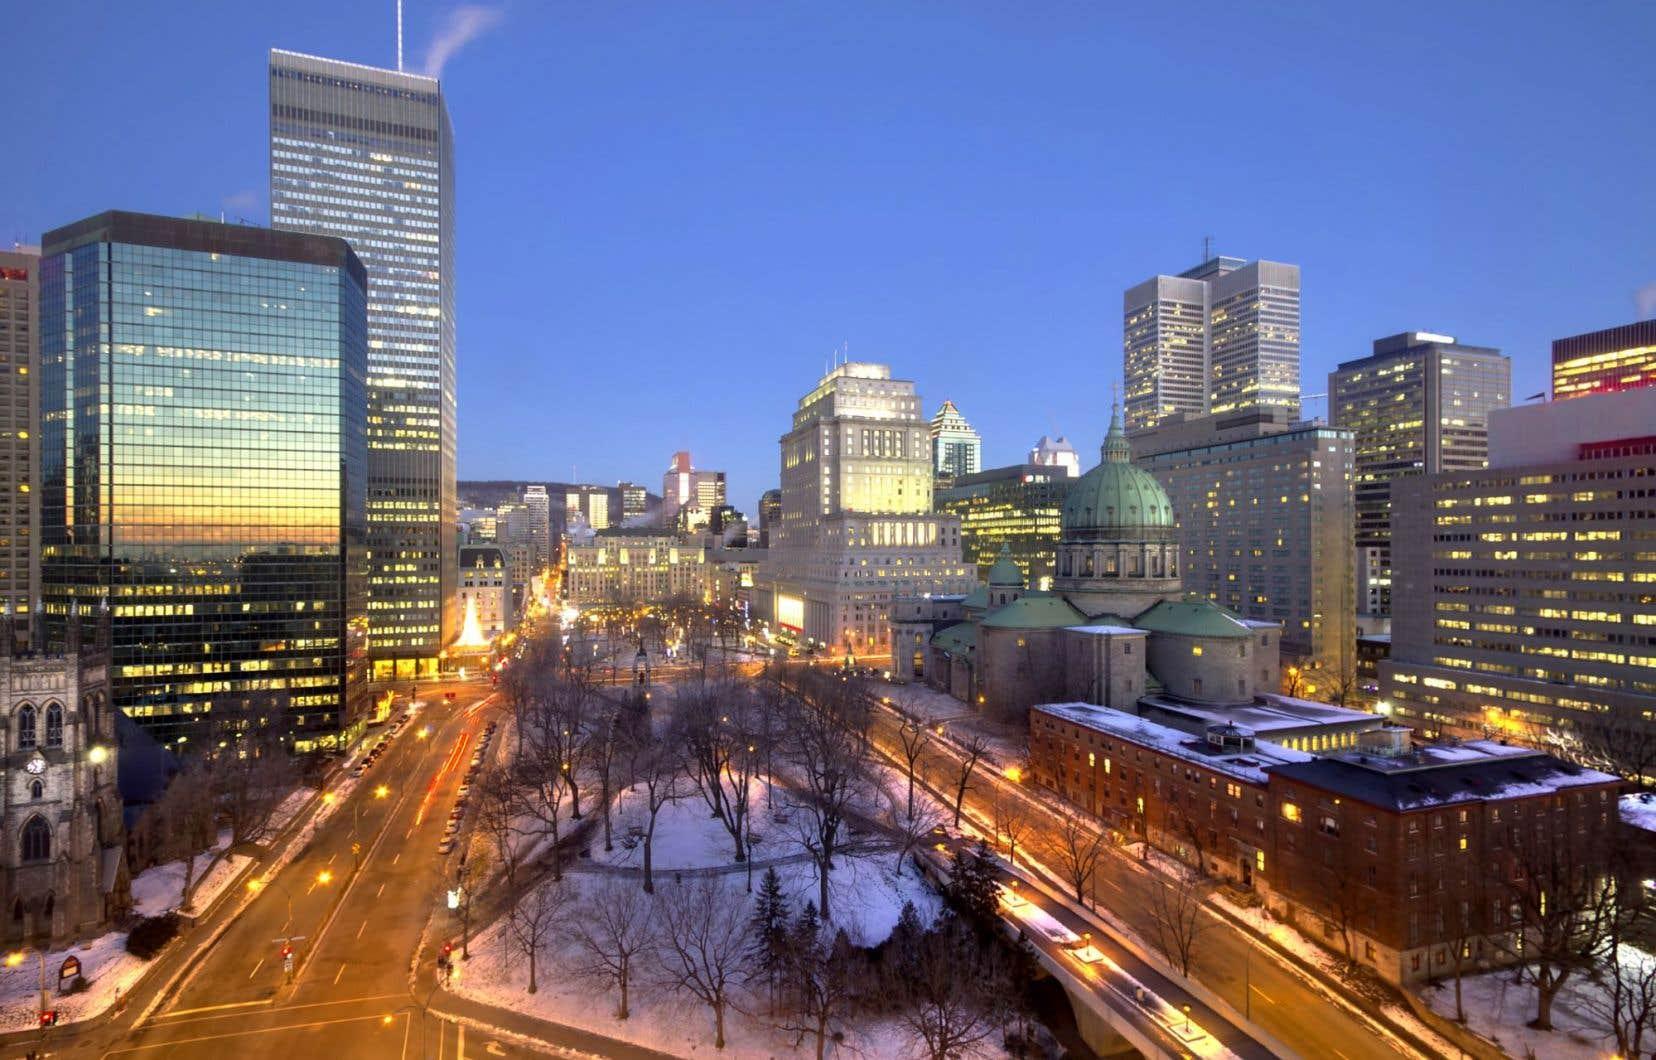 Le marché des villes intelligentes est évalué entre 50 et 75 milliards de dollars pour les dix prochaines années, selon Cisco.